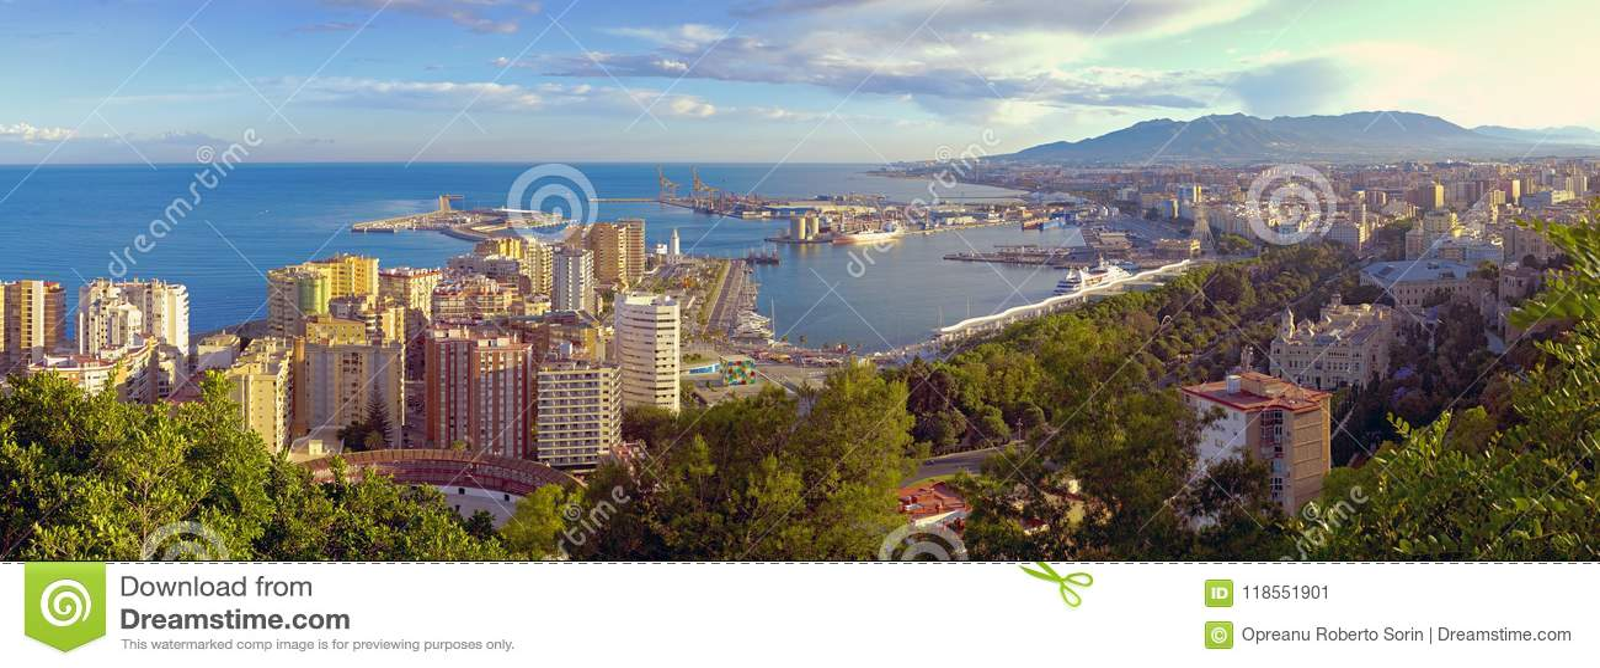 Vue panoramique de la ville de Malaga et du port, Costa del Sol, CMA